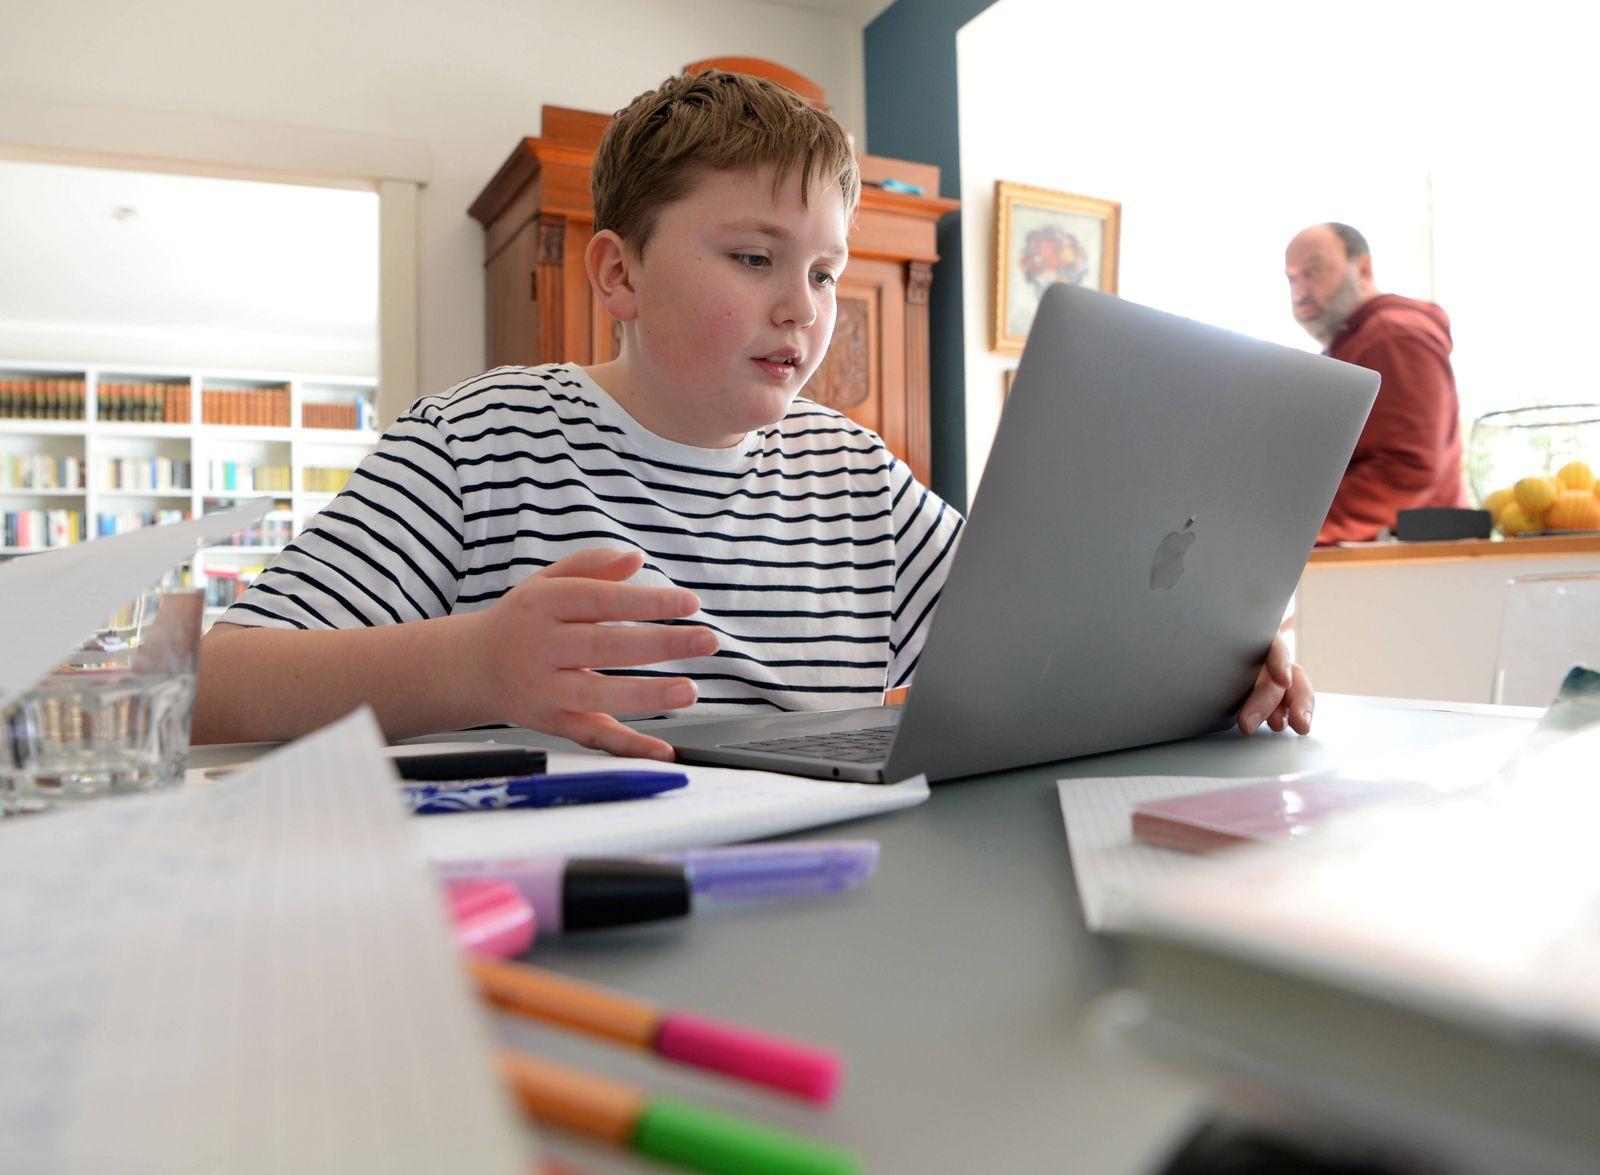 Ein Junge (model released) l?st Schulaufgeben an seinem Laptop MR=Yes